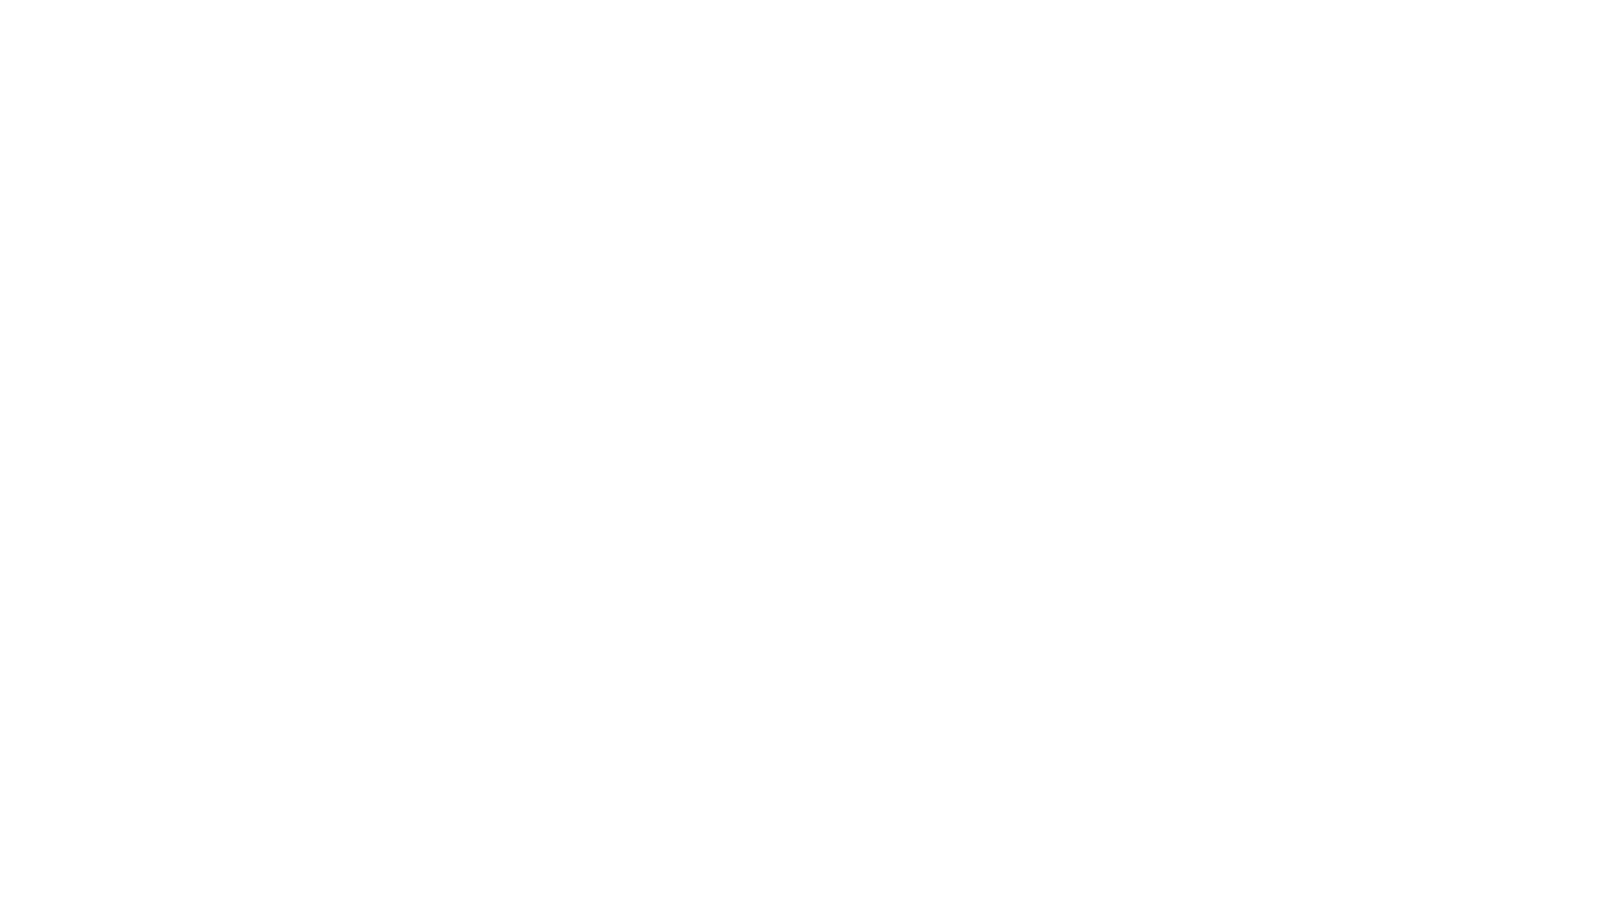 Le audionews di Ondawebtv👩💻#lenotizieinpositivo🔖25 gennaio 👉Scuola. Ritorno in aula per le scuole medie 👉Buon compleanno a Toni Servillo! Un vanto per Caserta 👉Il commissario Ricciardi. Volti e luoghi di Terra di Lavoro su Raiuno  👉Santa Matrona, a San Prisco al via oggi i festeggiamenti  🌼 Buon ascolto con le imperdibili pillole di informazione culturale made in Caserta! 📲